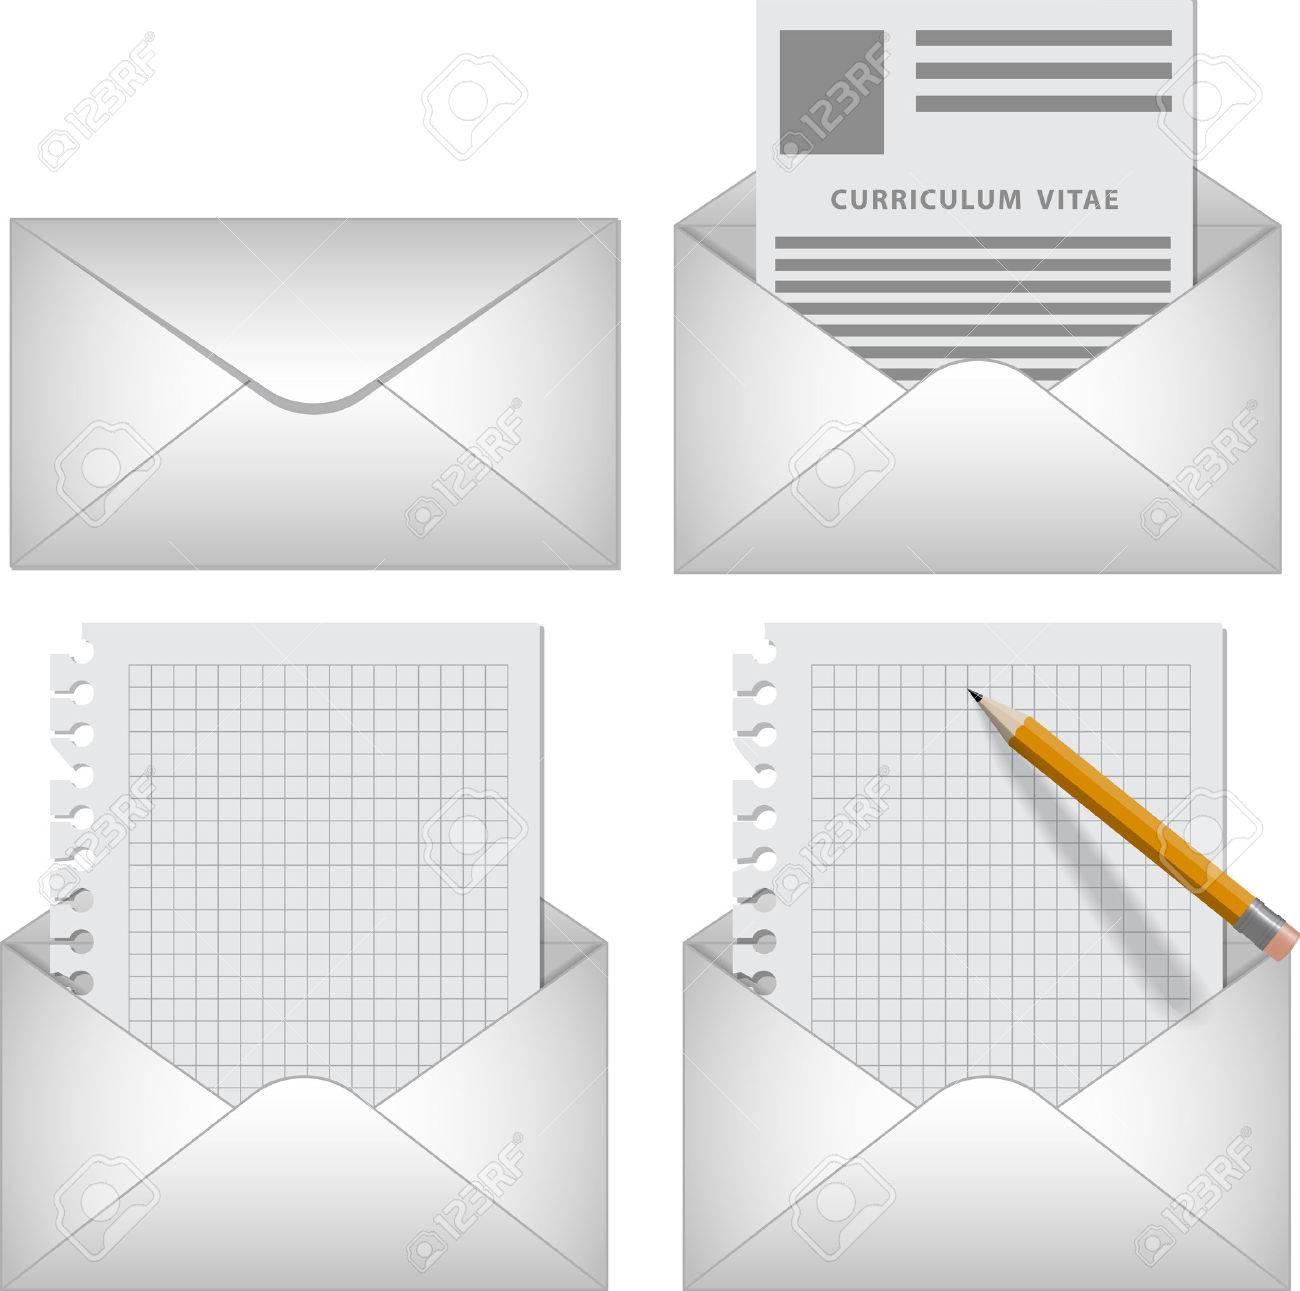 Vektor-Set Briefumschlag-Symbol Mit Anschreiben, Lebenslauf, Blank ...